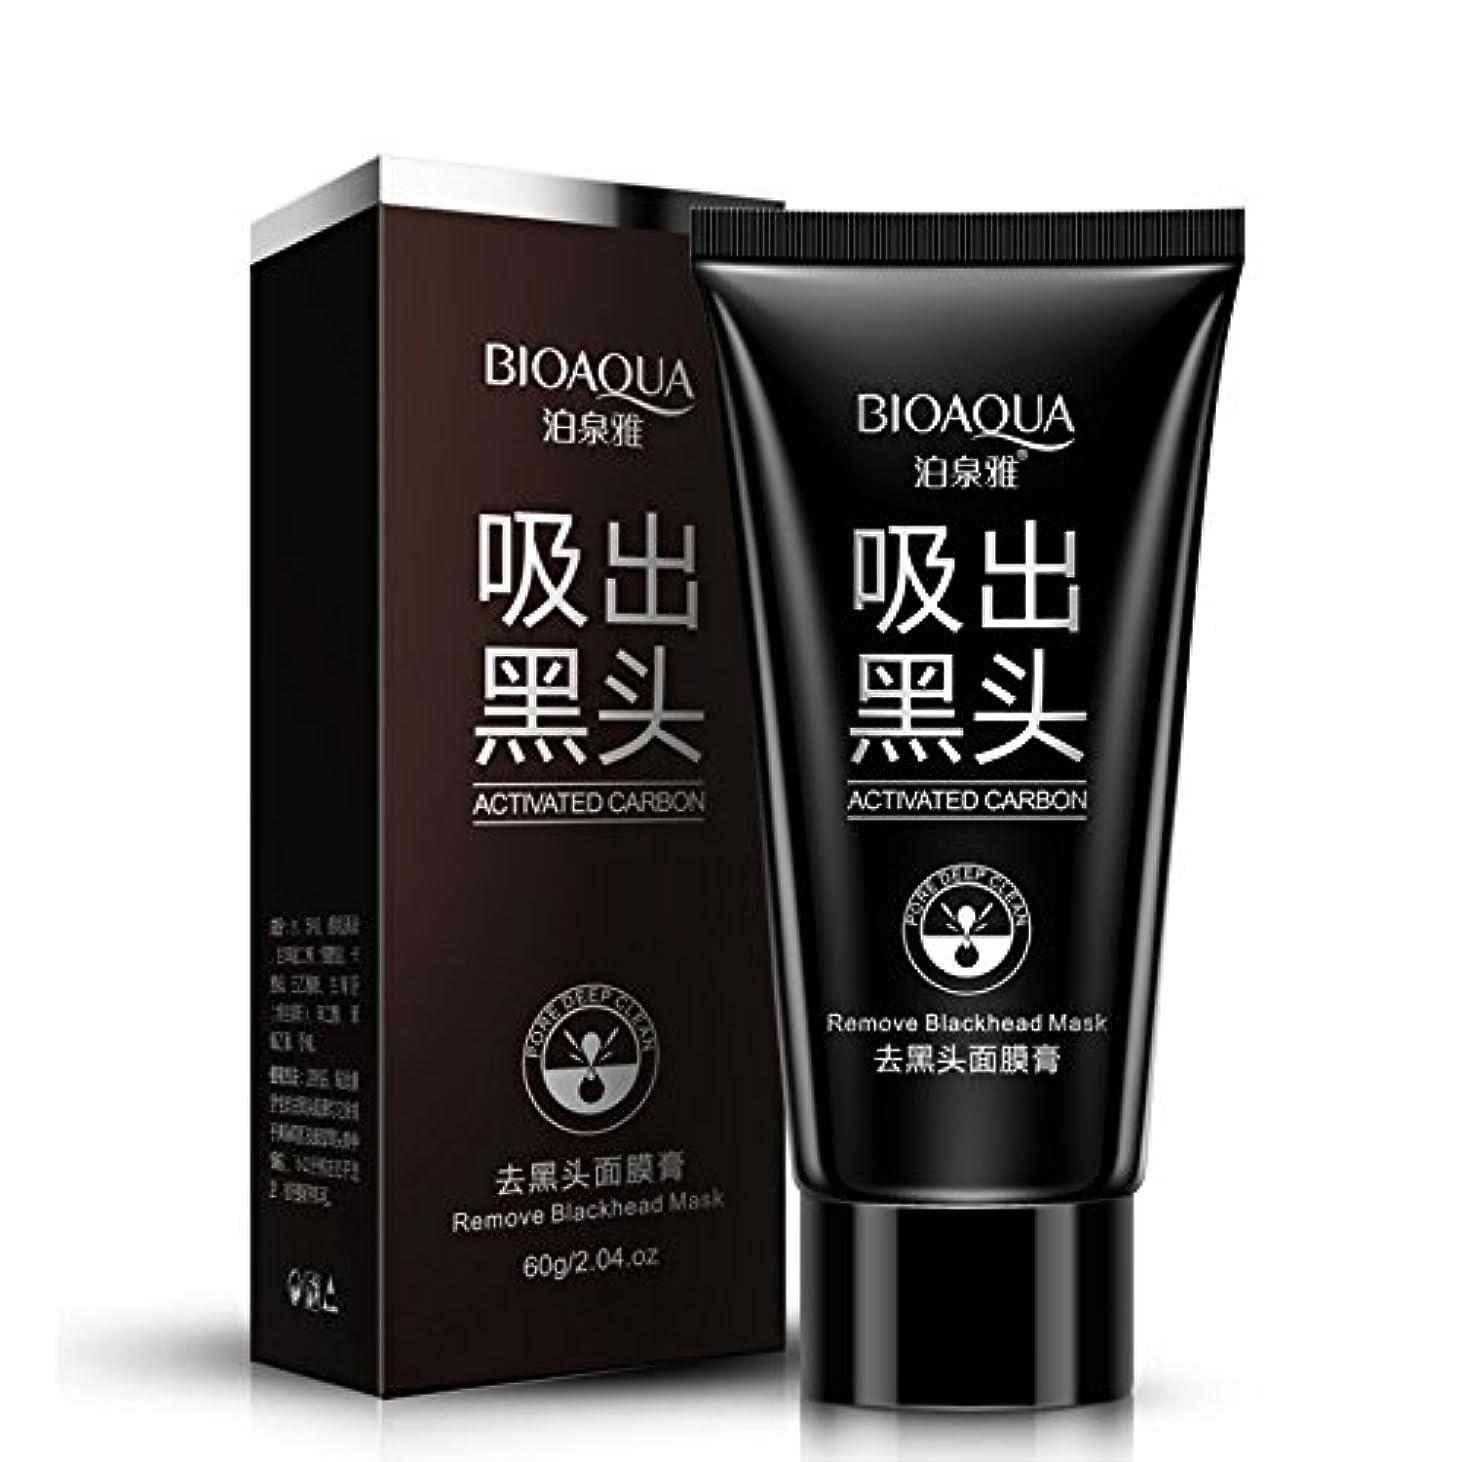 ニンニクマリンうんざりSuction Black Mask Shrink Black Head Spots Pores,Face Mask Blackhead Removal Blackheads Cosmetics Facials Moisturizing...